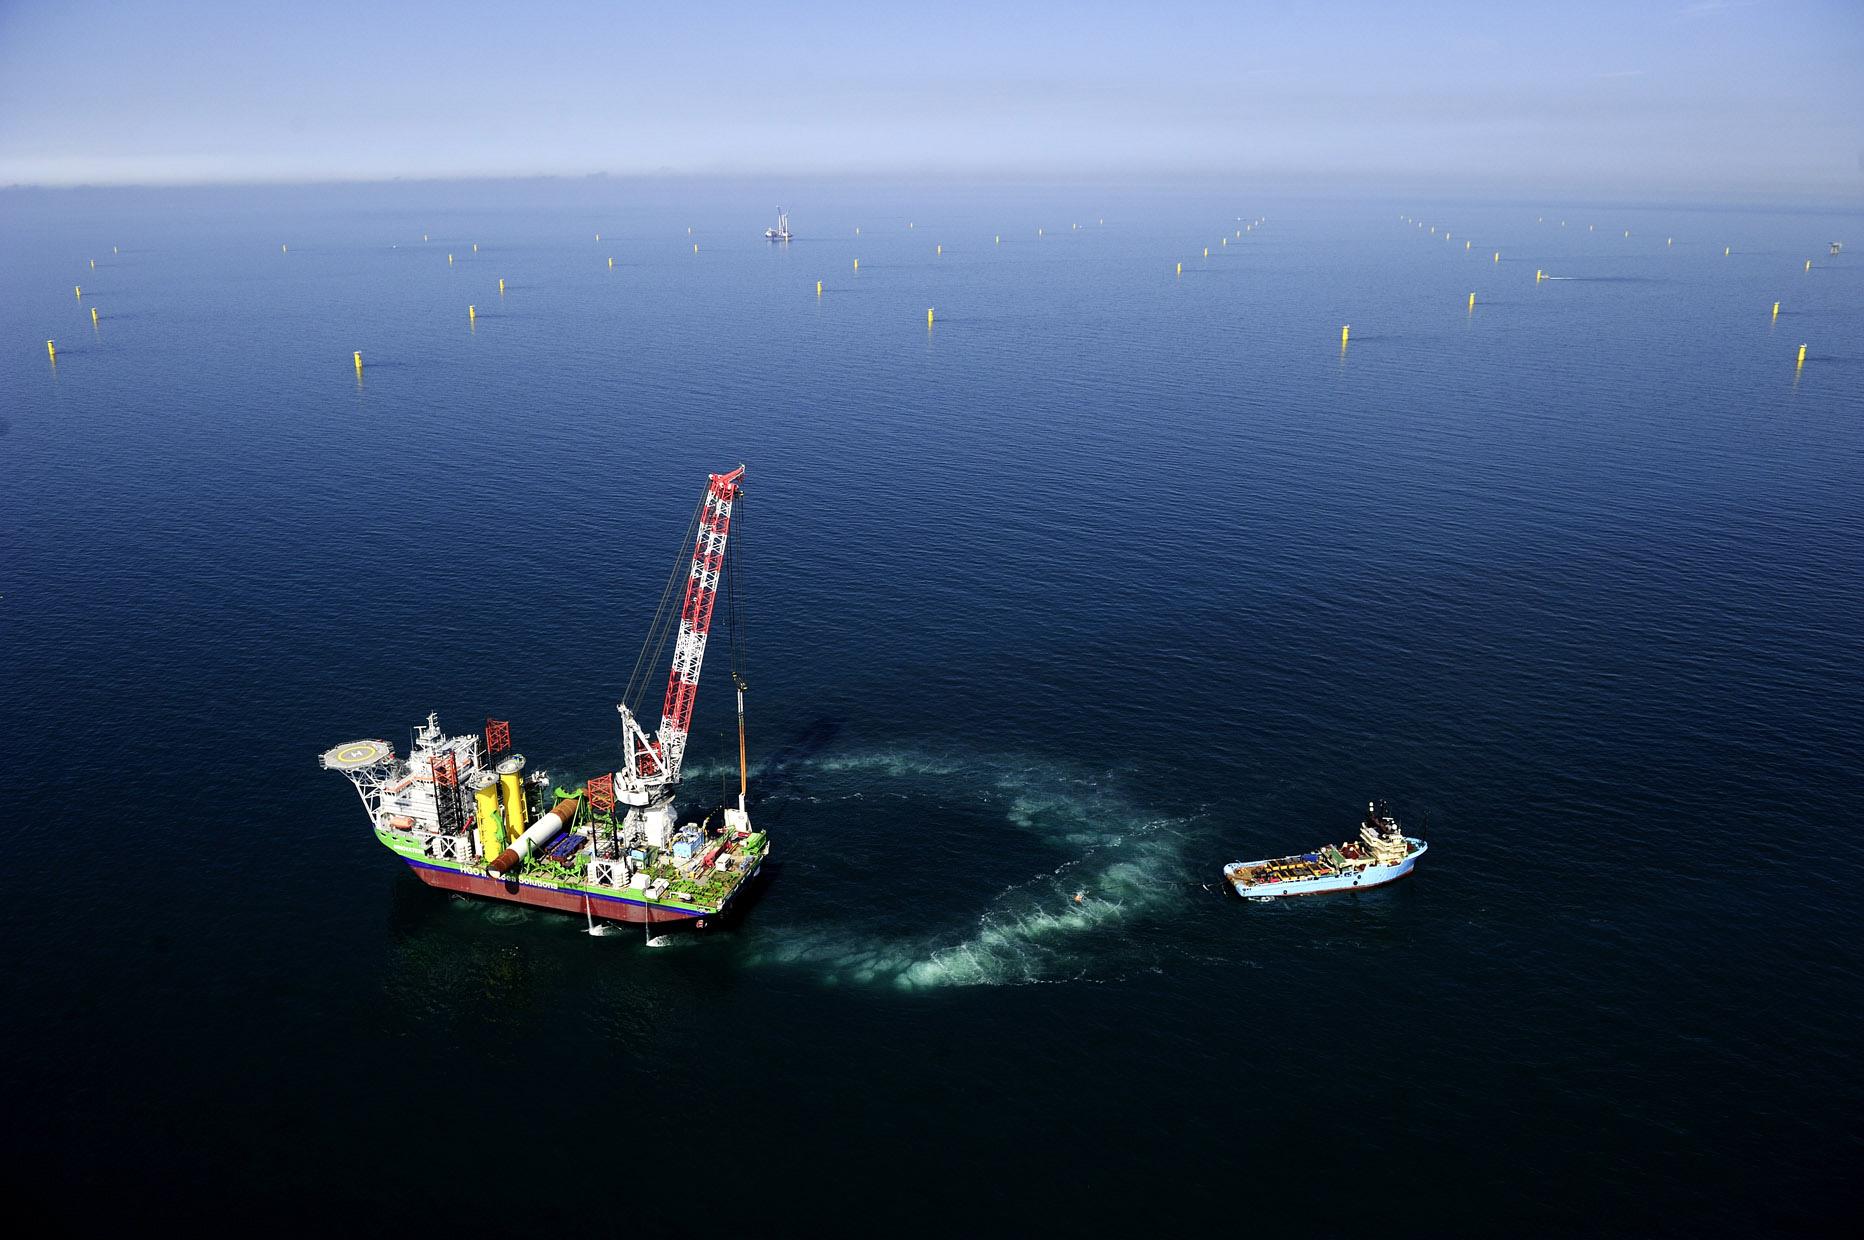 Erfolgreicher Lärmschutz beim Bau der Fundamente für Gode Wind / Pressebild: DONG Energy